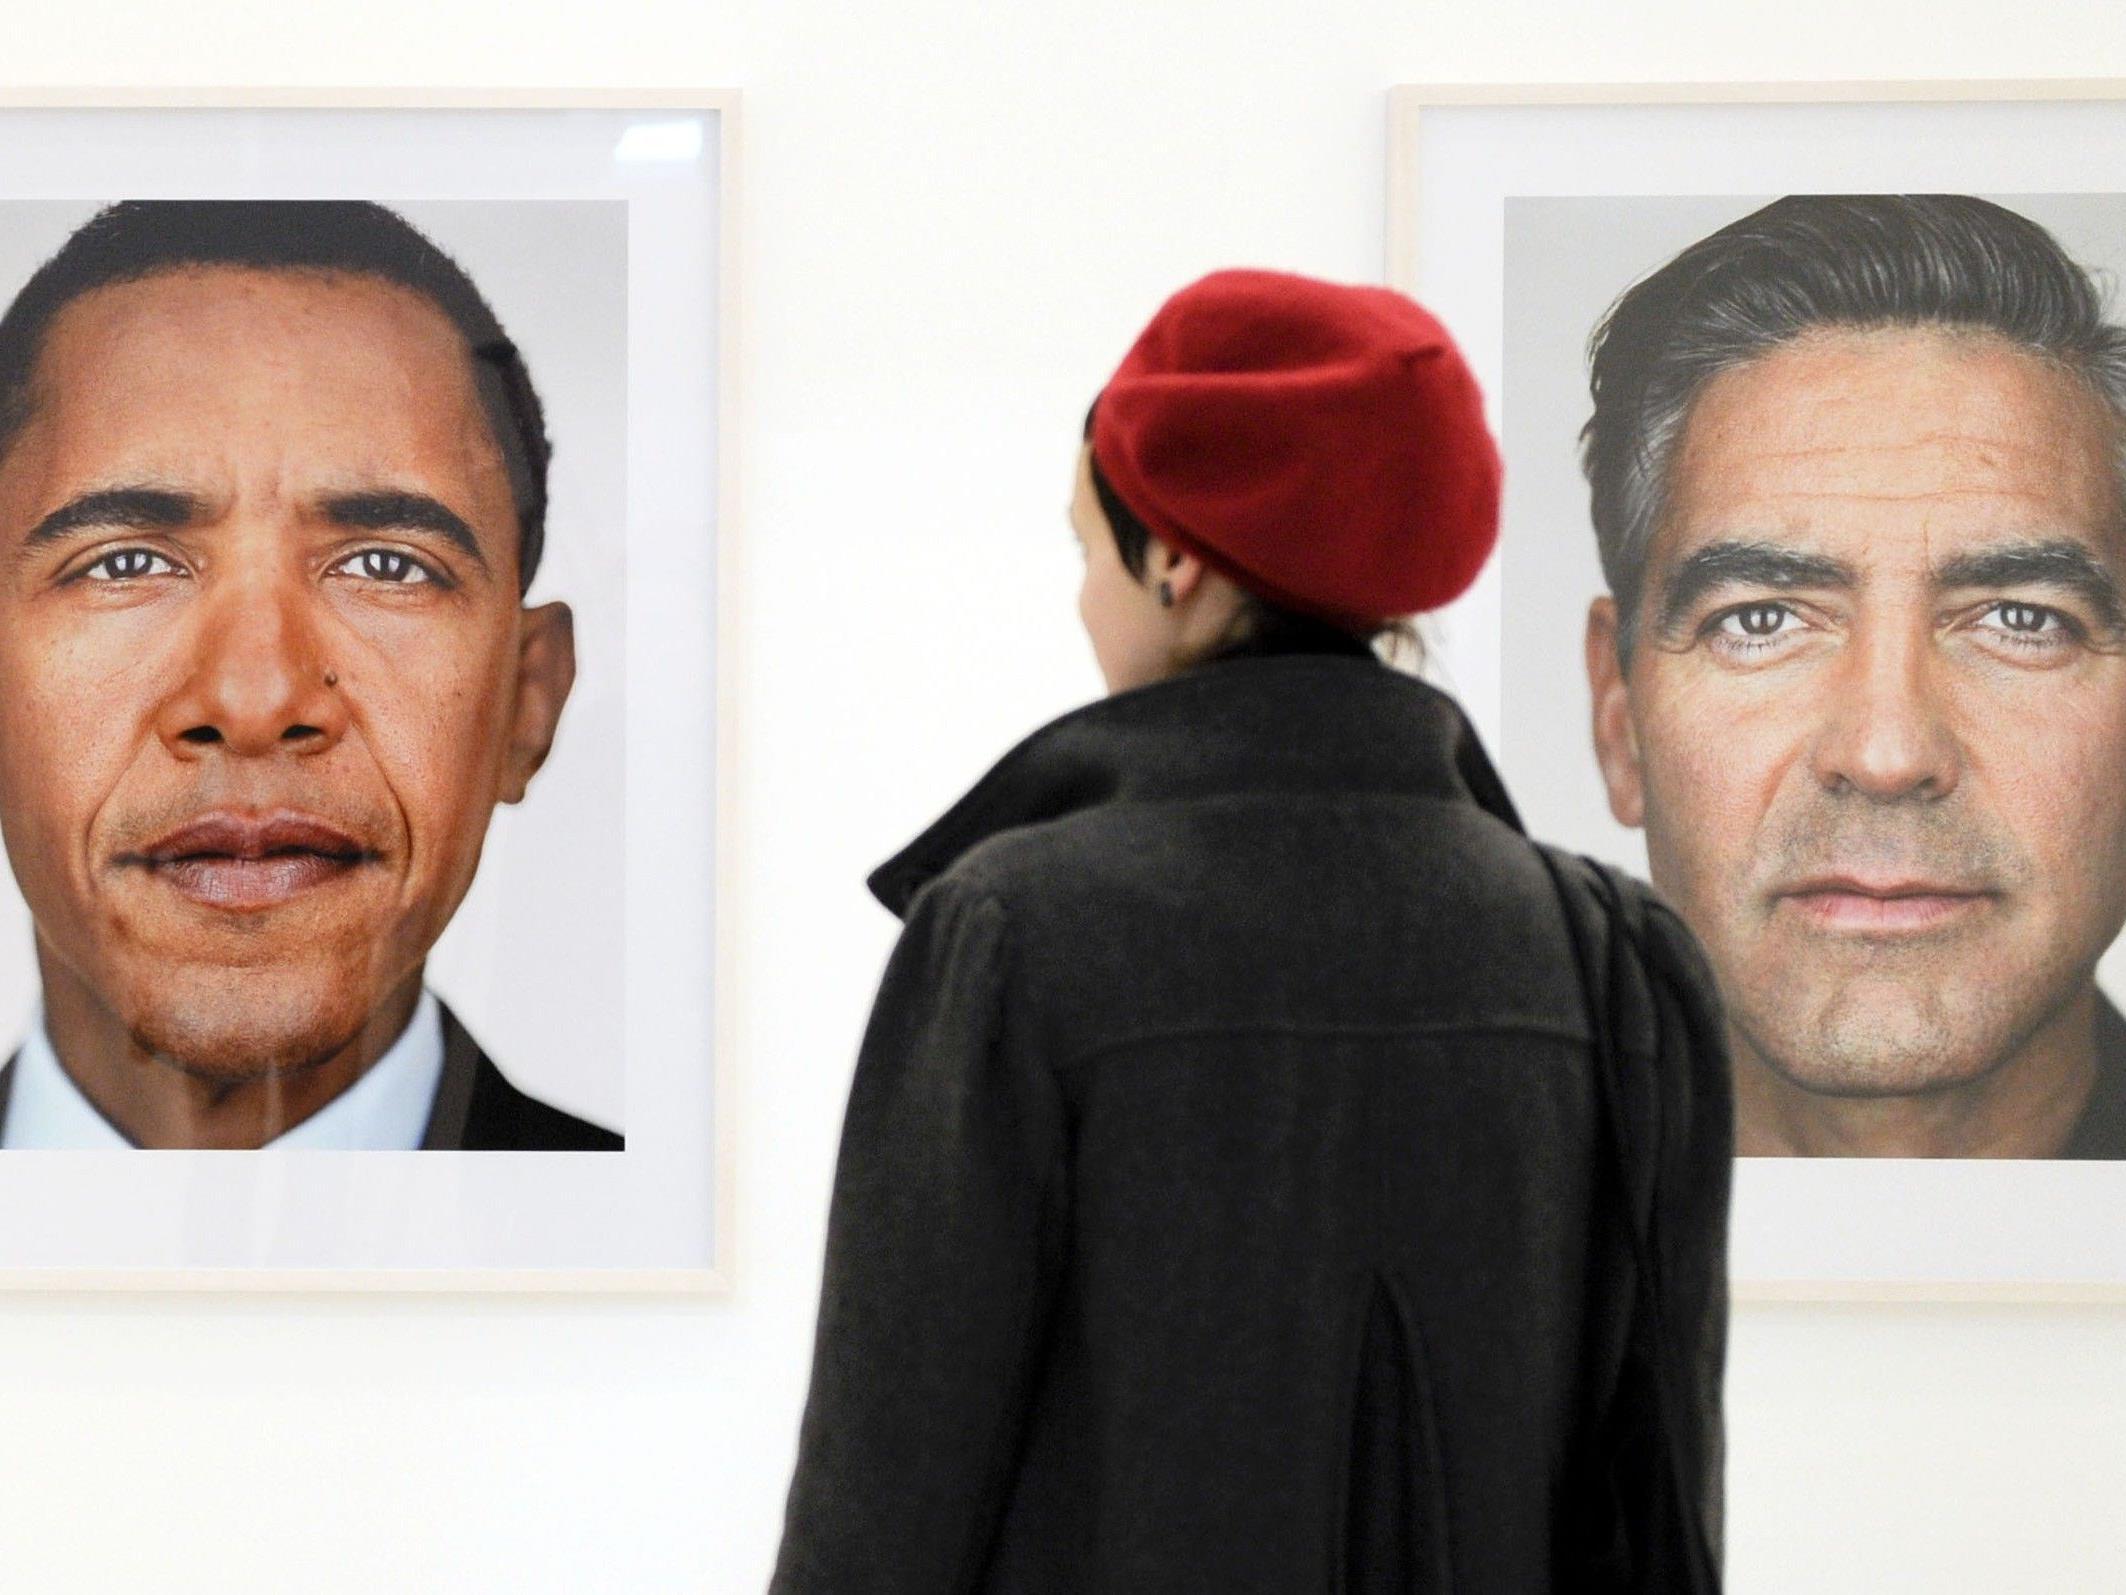 """Fotoausstellung von Fotograf Martin Schoeller: Obama und Clooney als """"Traummänner""""."""